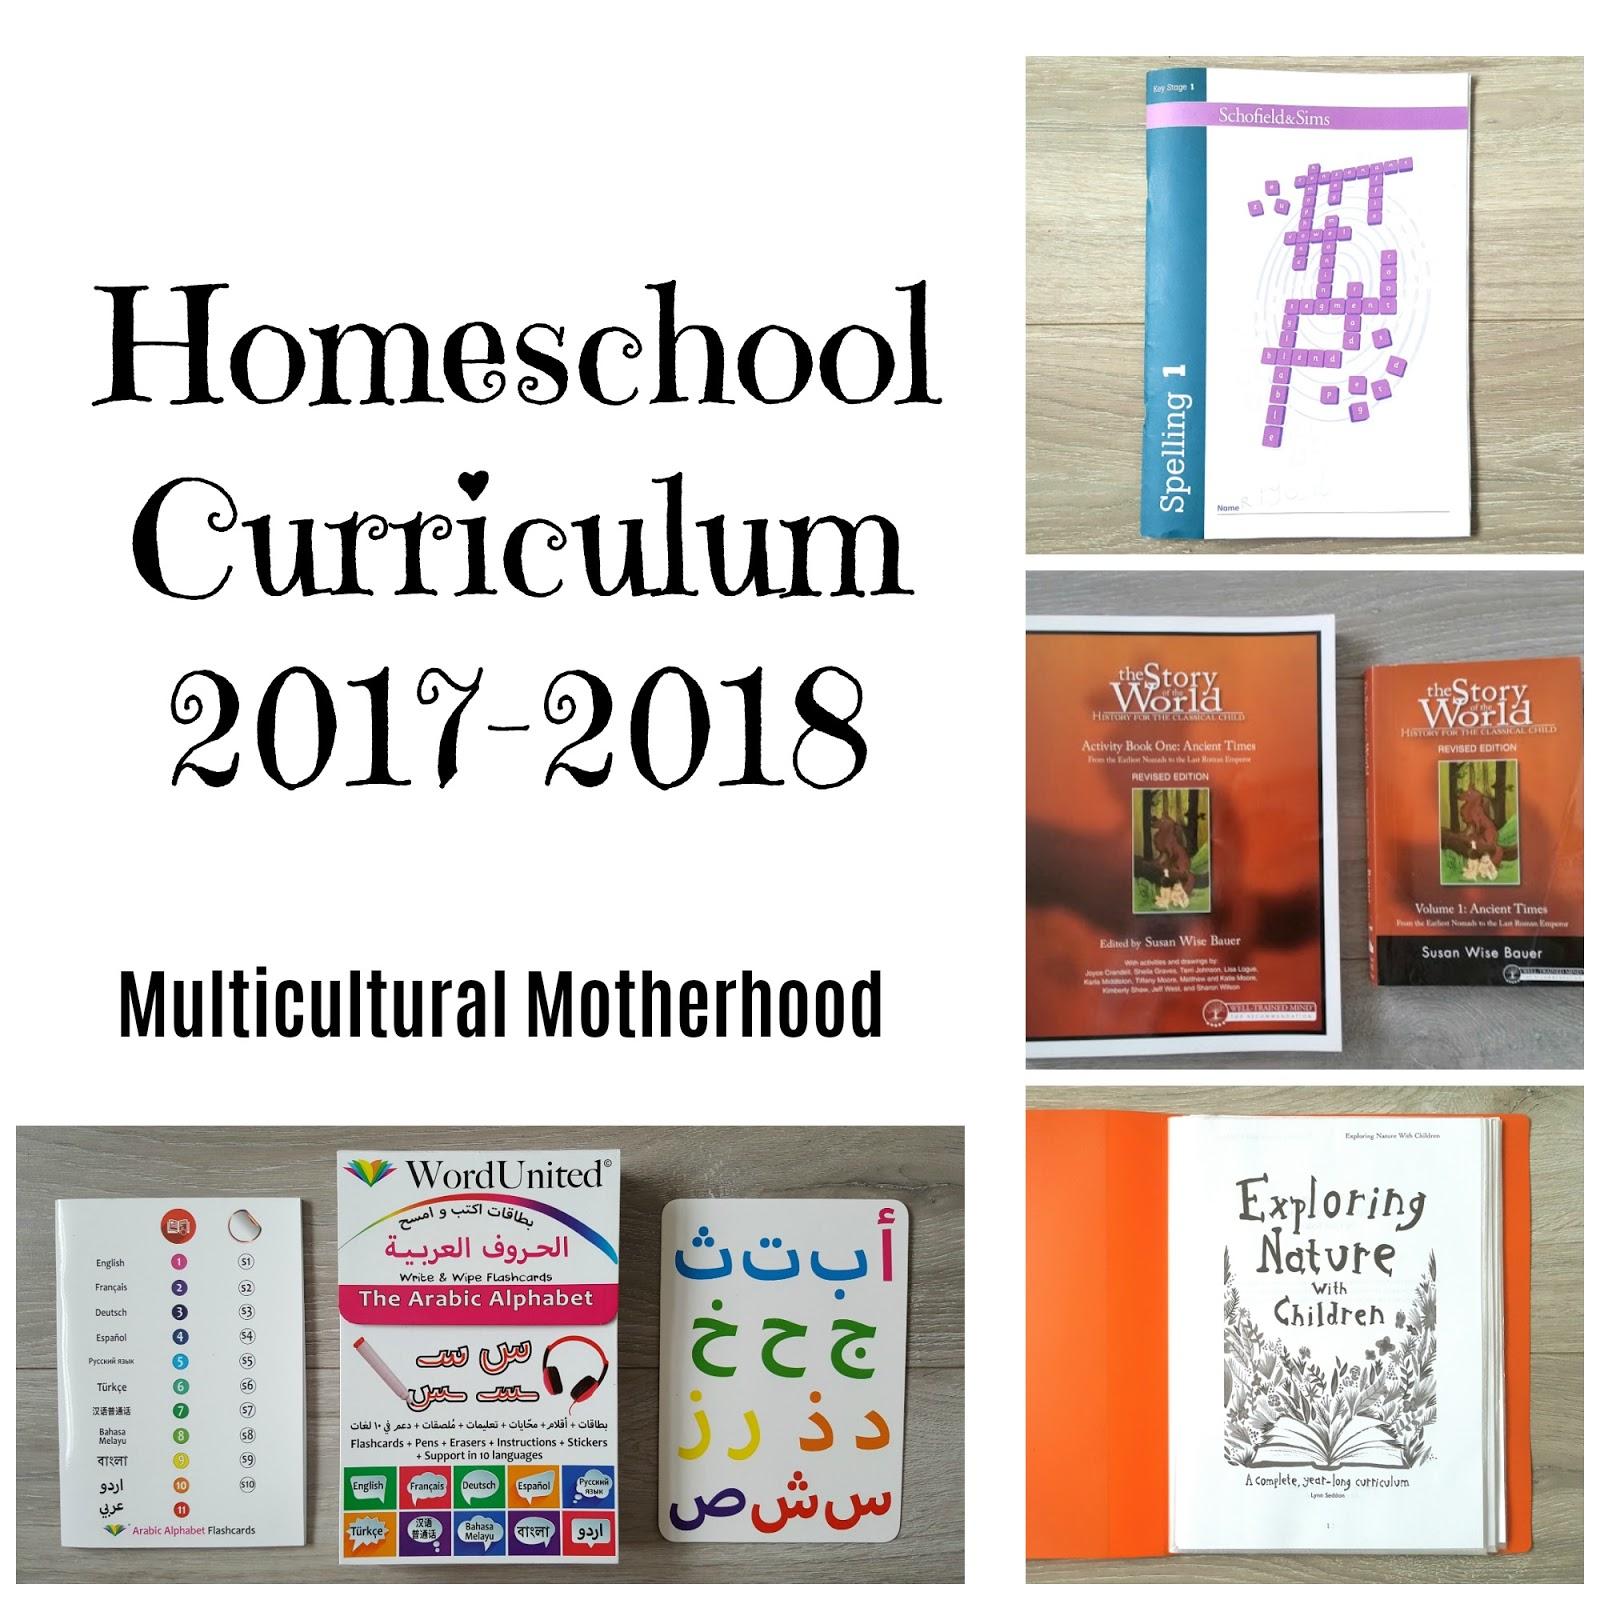 Homeschool Curriculum 2017-2018 | Multicultural Motherhood